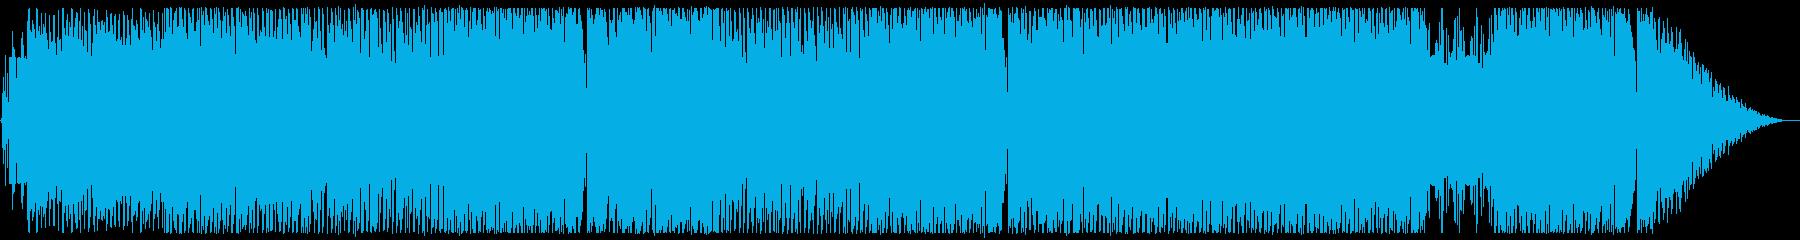 かっこいい疾走感のあるディープハウスの曲の再生済みの波形